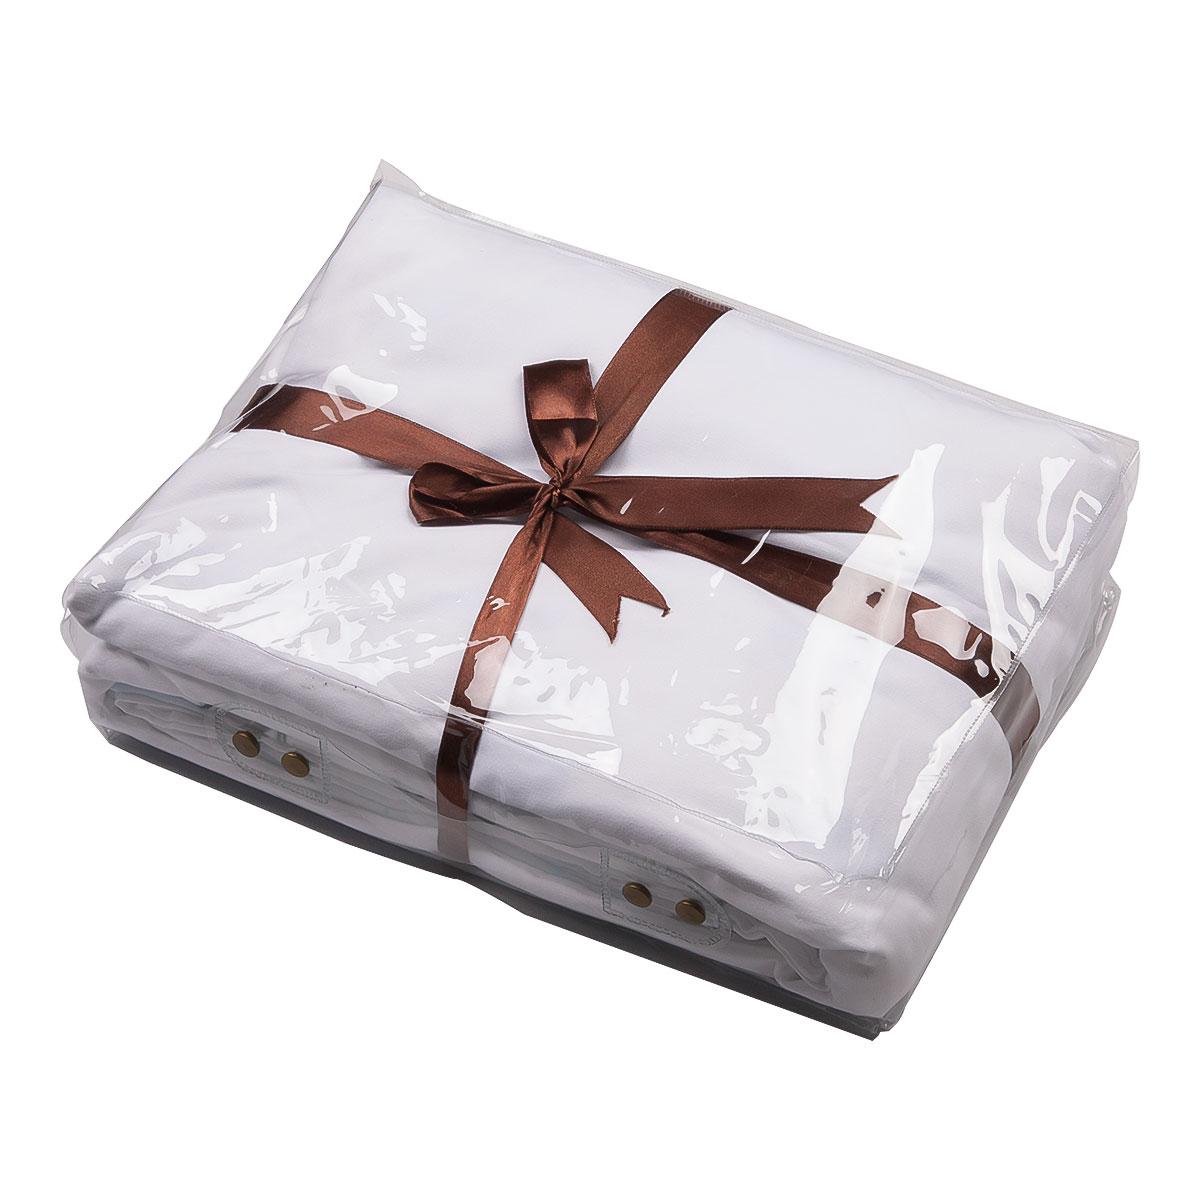 3D с цифровой печатью, сделанные на заказ постельные принадлежности набор на заказ дизайн продукта картина Твин Полный King queen размер на заказ пододеяльник набор - 4